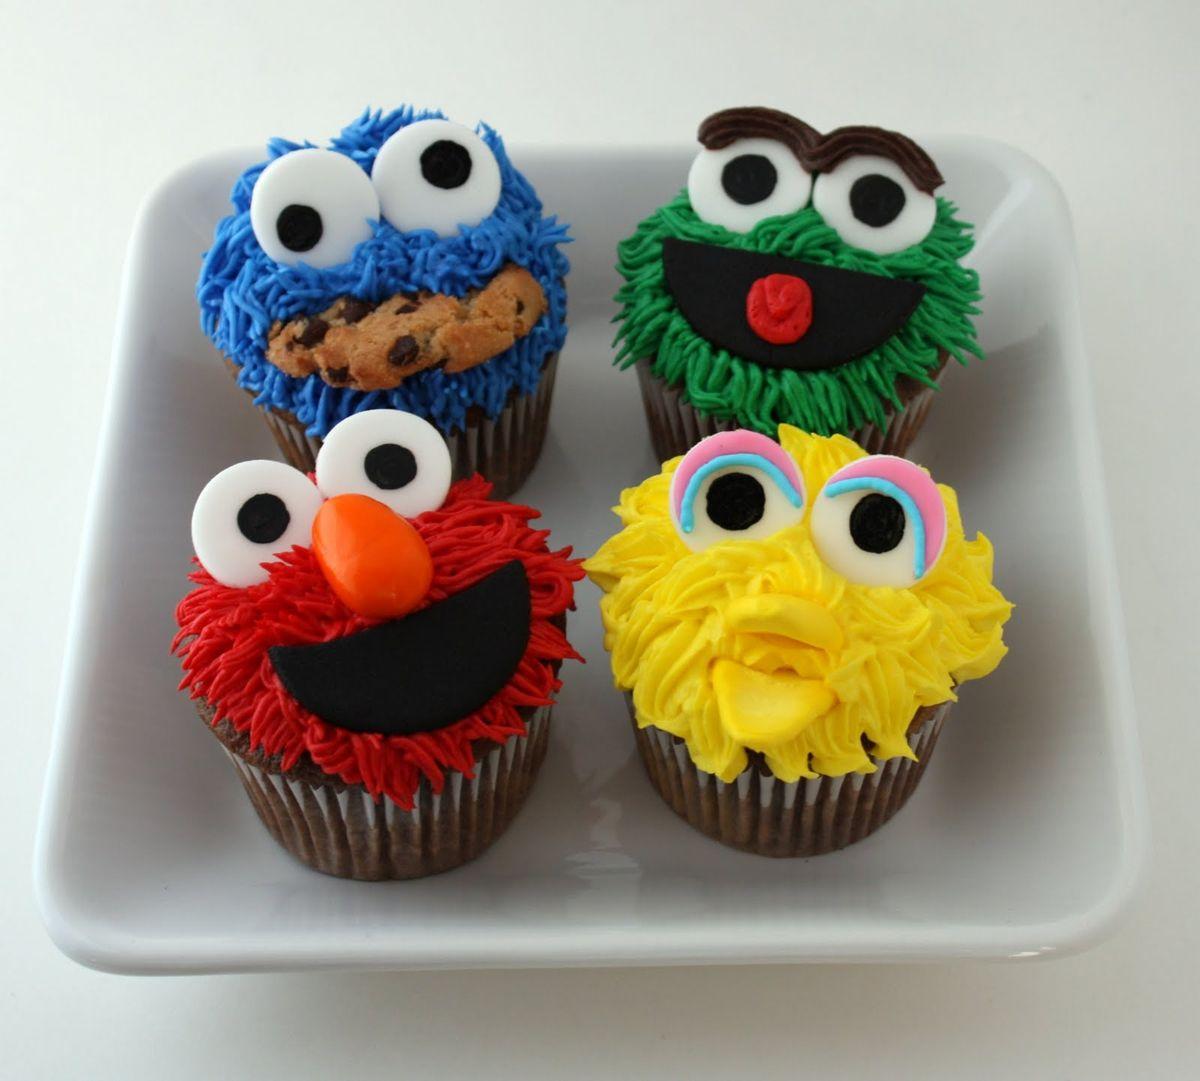 Elmo Decorated Cakes